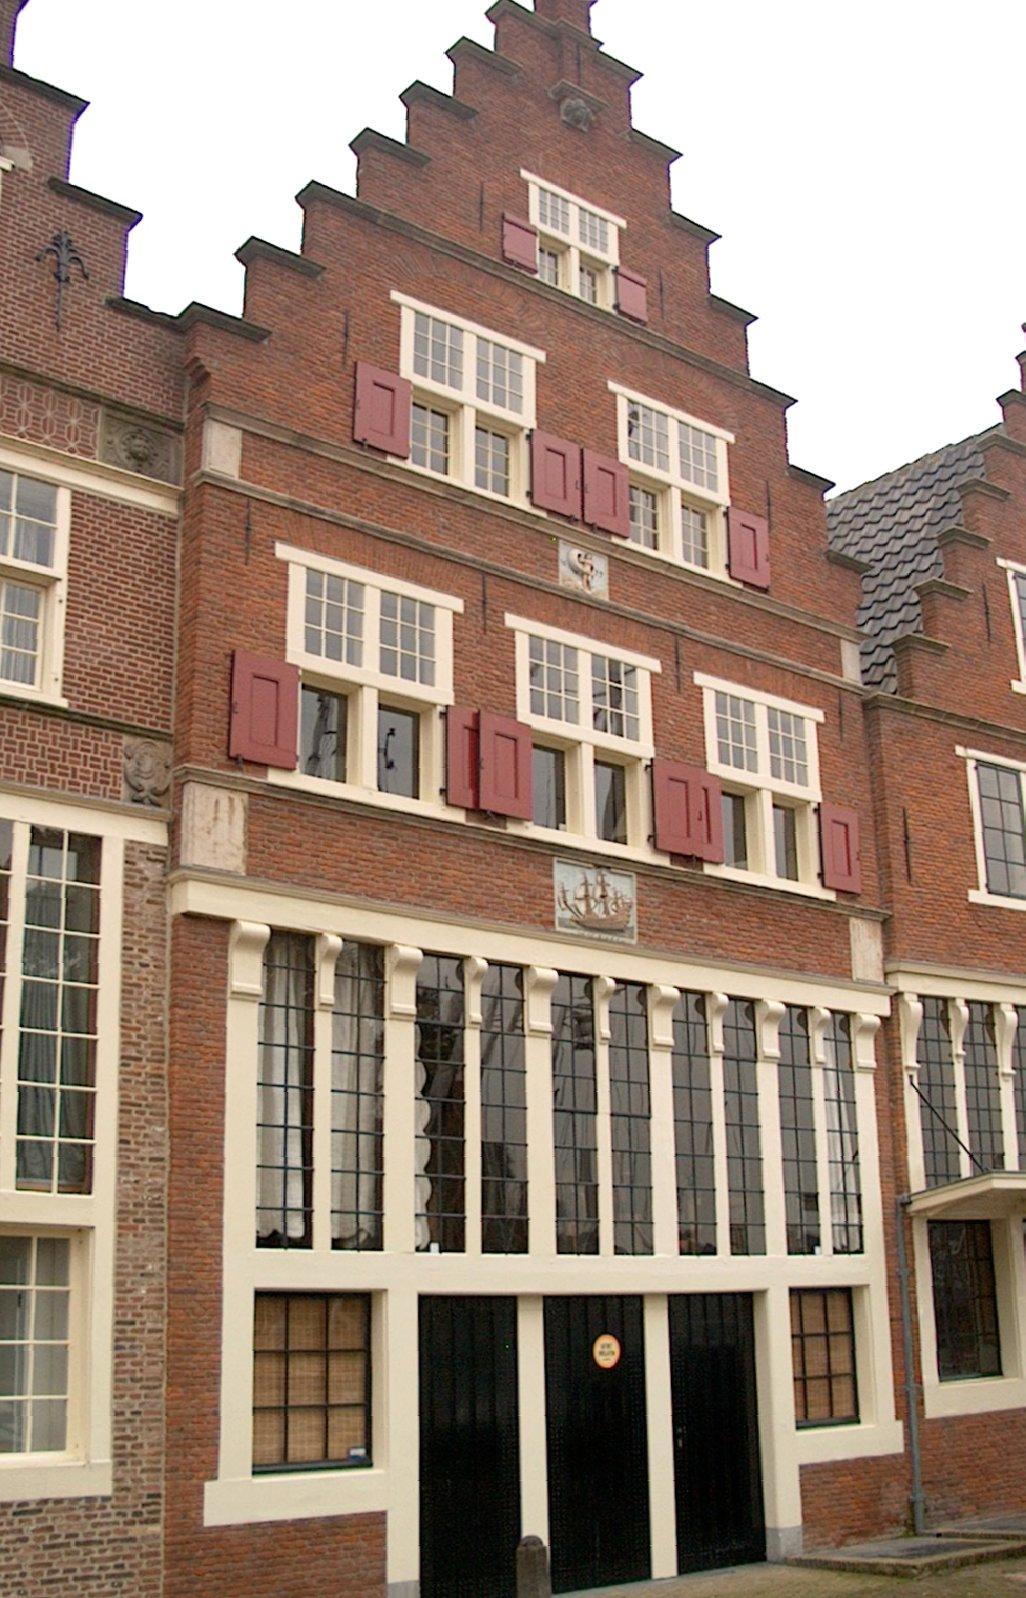 Huis met gepleisterde gevel met moderne bekroning in hoorn monument - Oude huis gevel ...